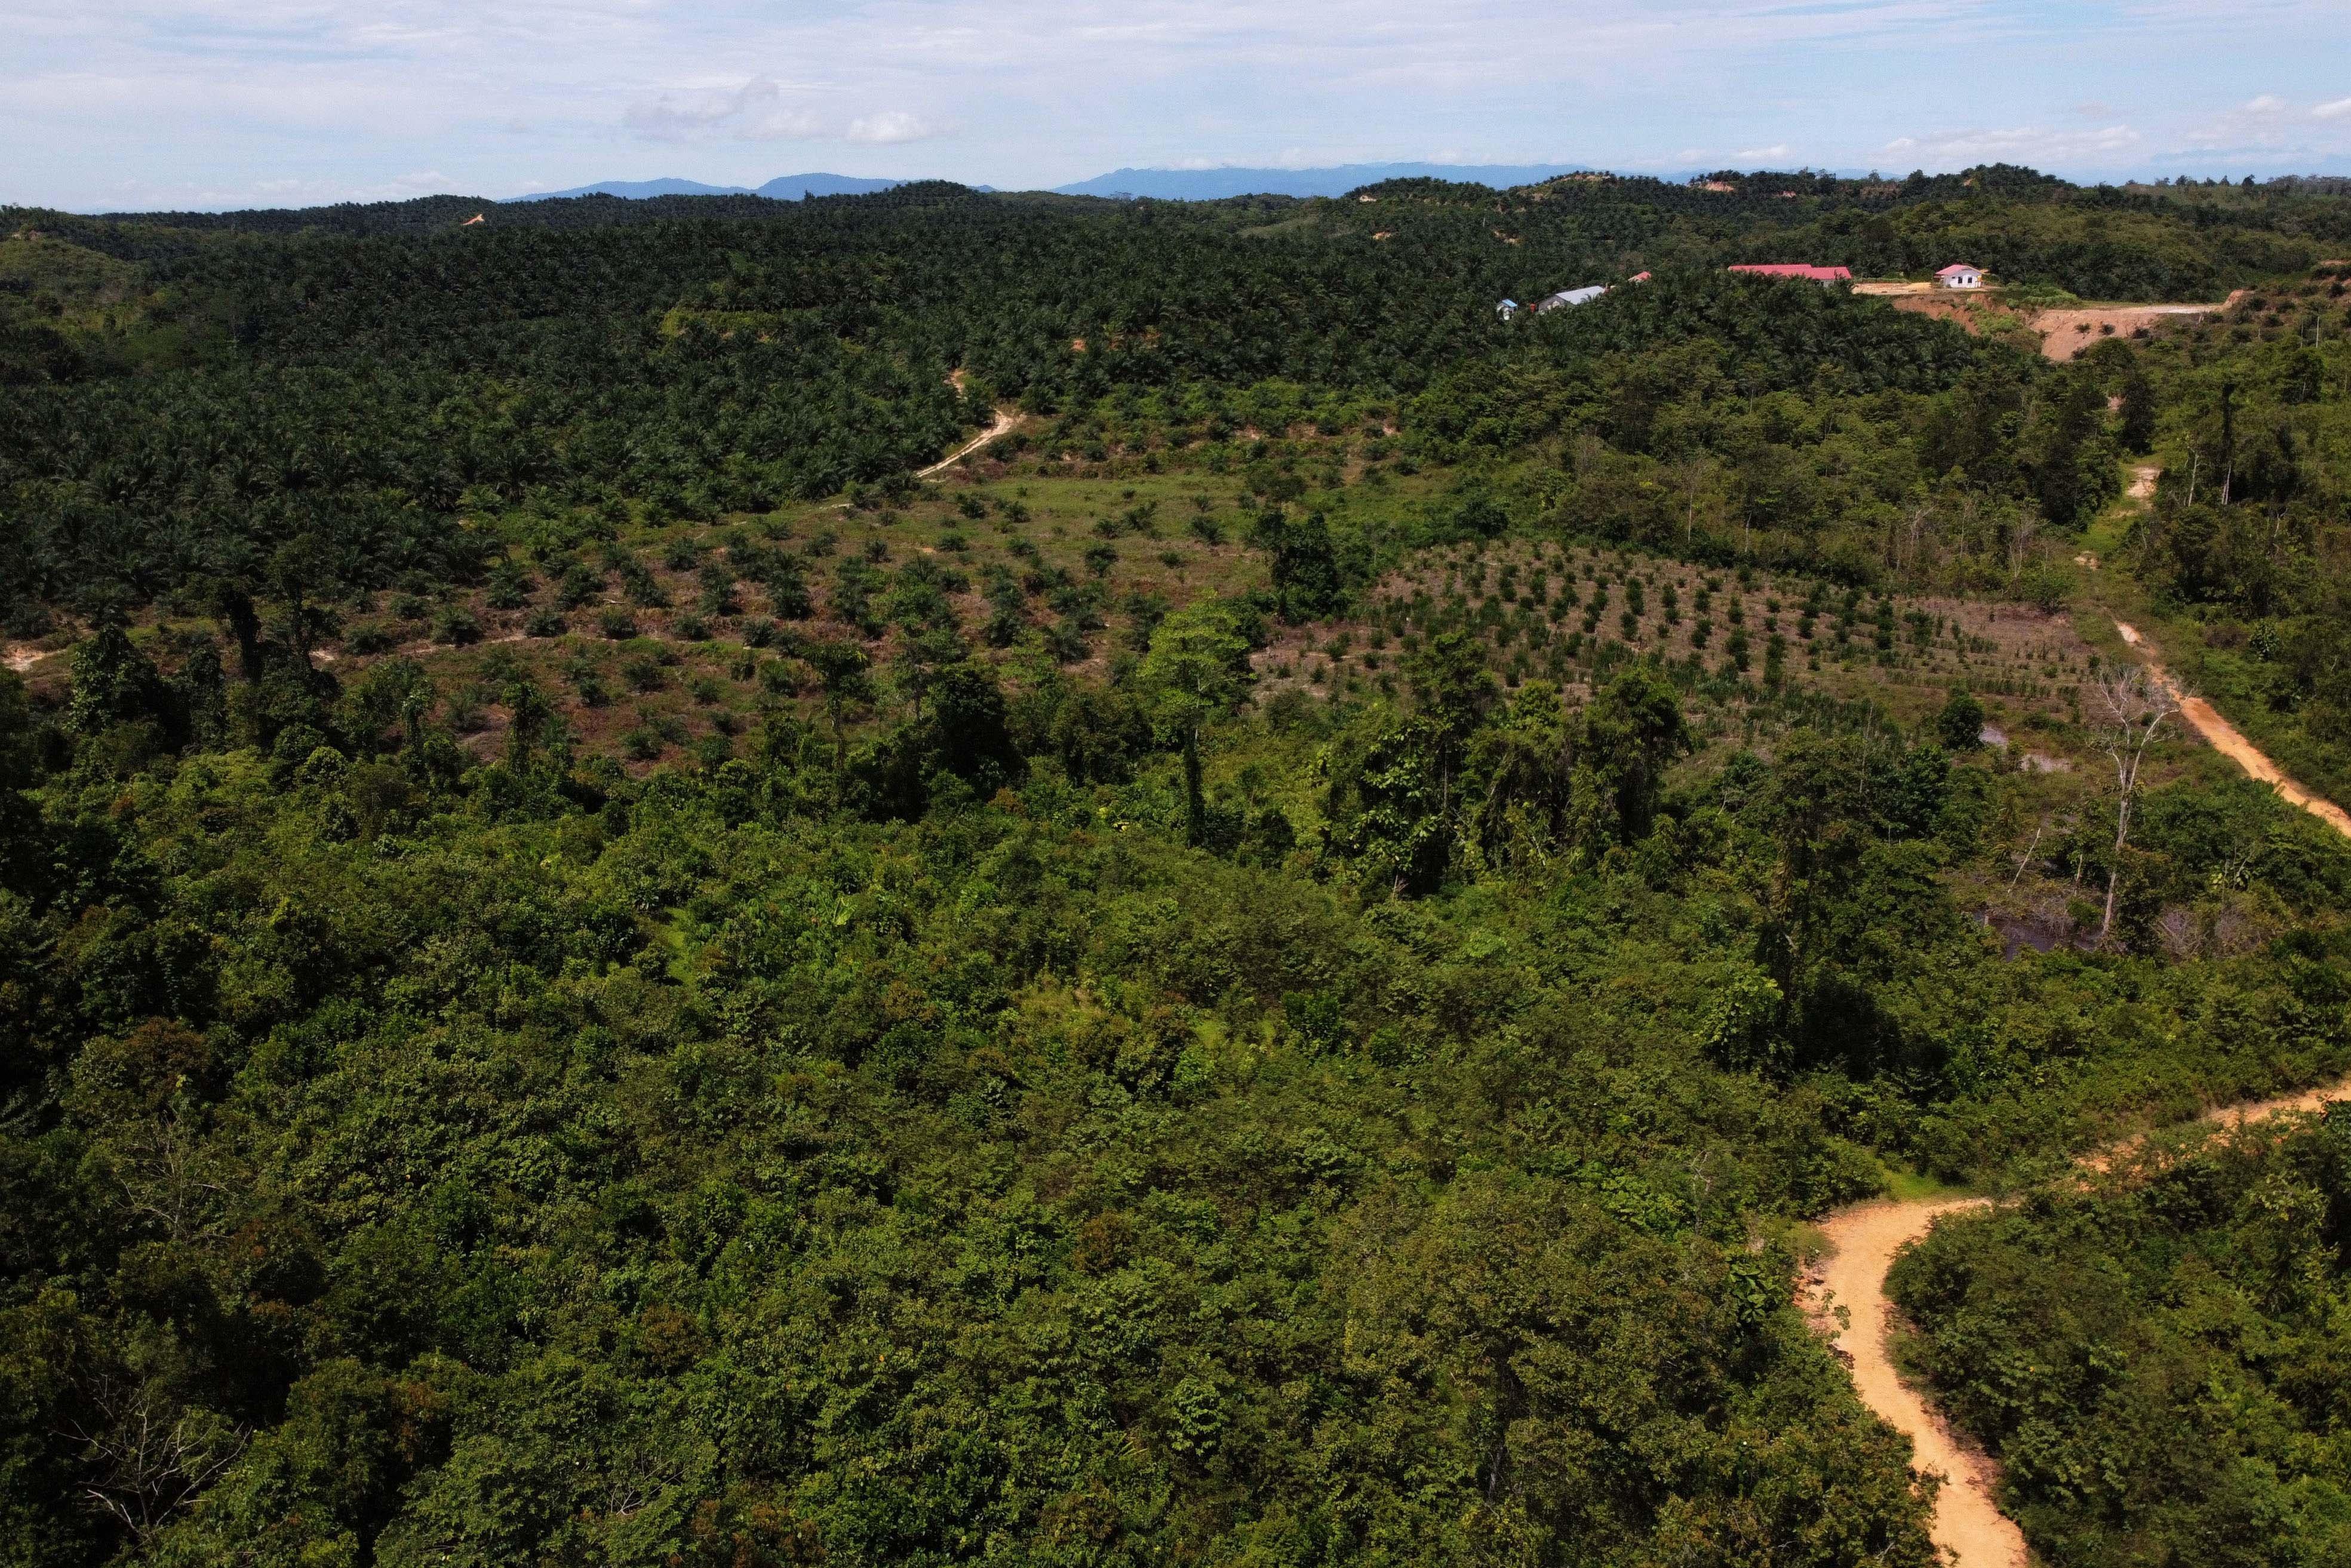 Kondisi hutan di sekitar kawasan Gunung Landono yang telah ditanami kelapa sawit oleh perusahaan luar di Kecamatan Landono, Konawe Selatan, Sulawesi Tenggara.